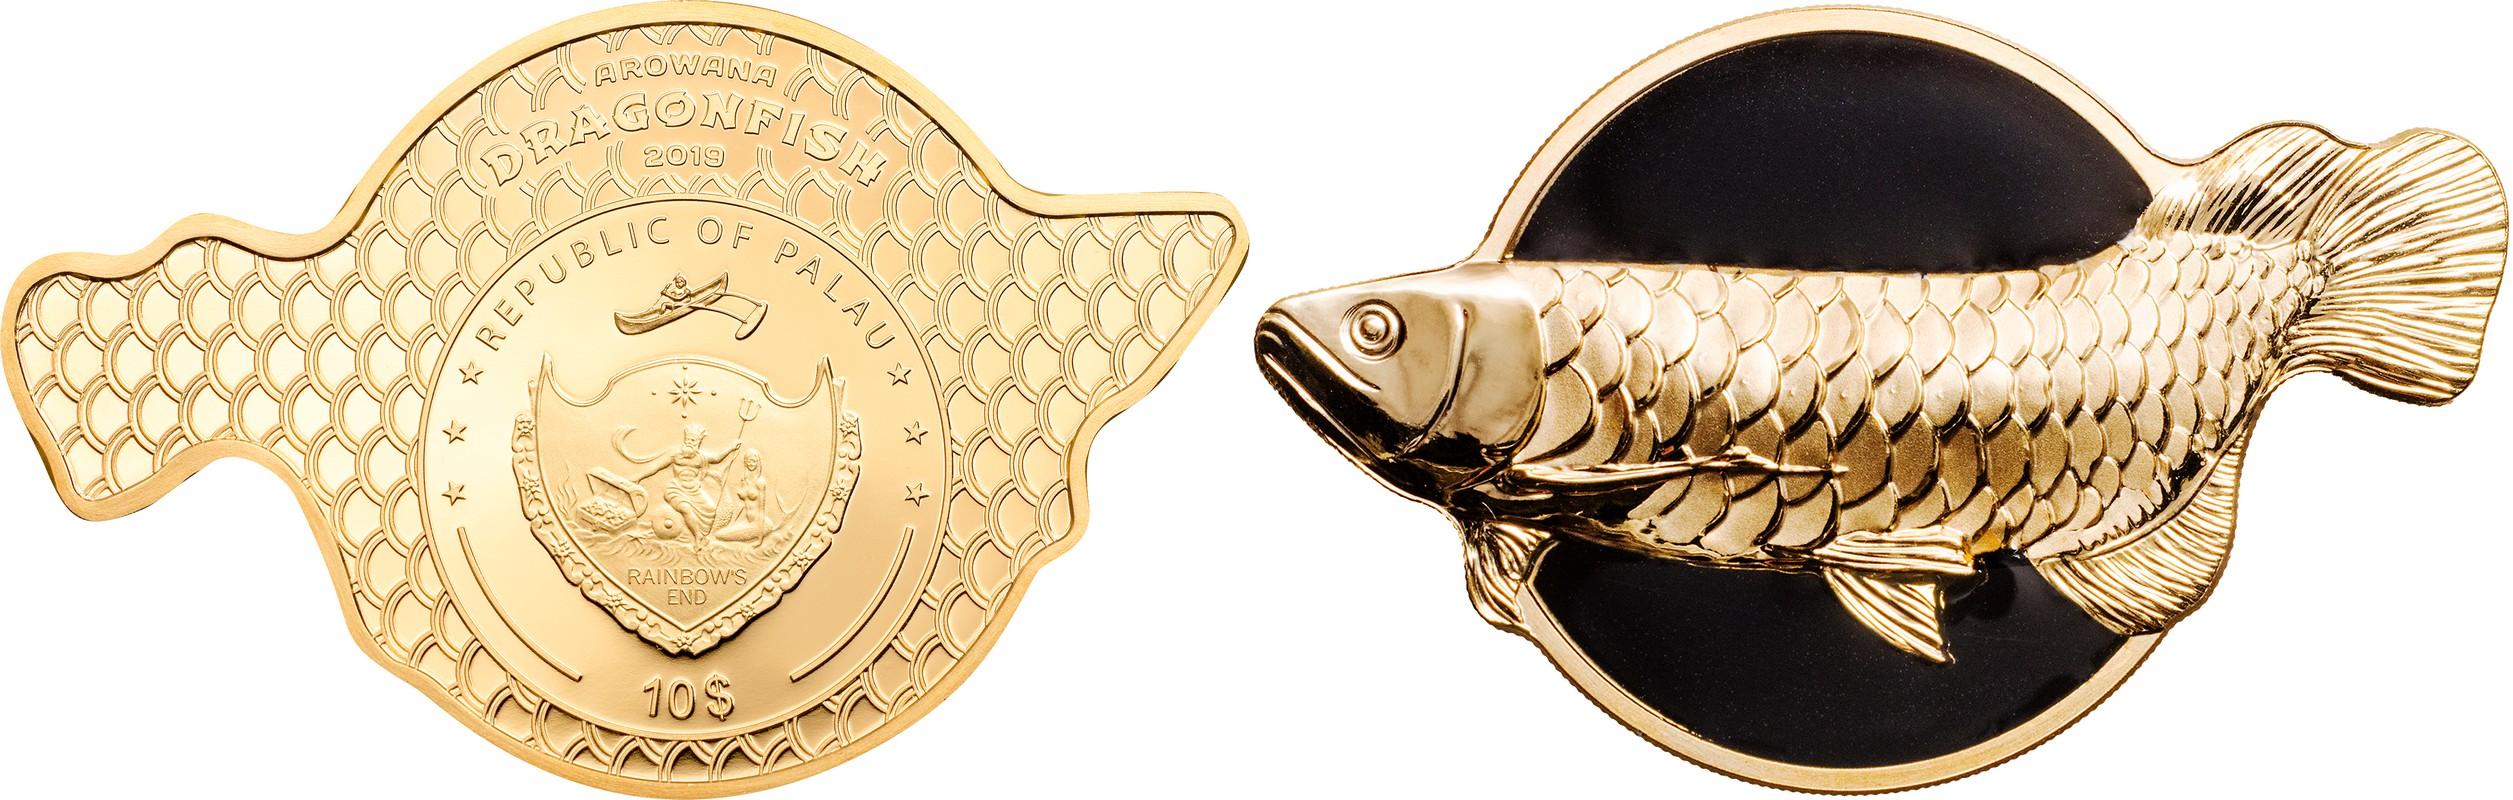 palau 2019 arowana poisson dragon